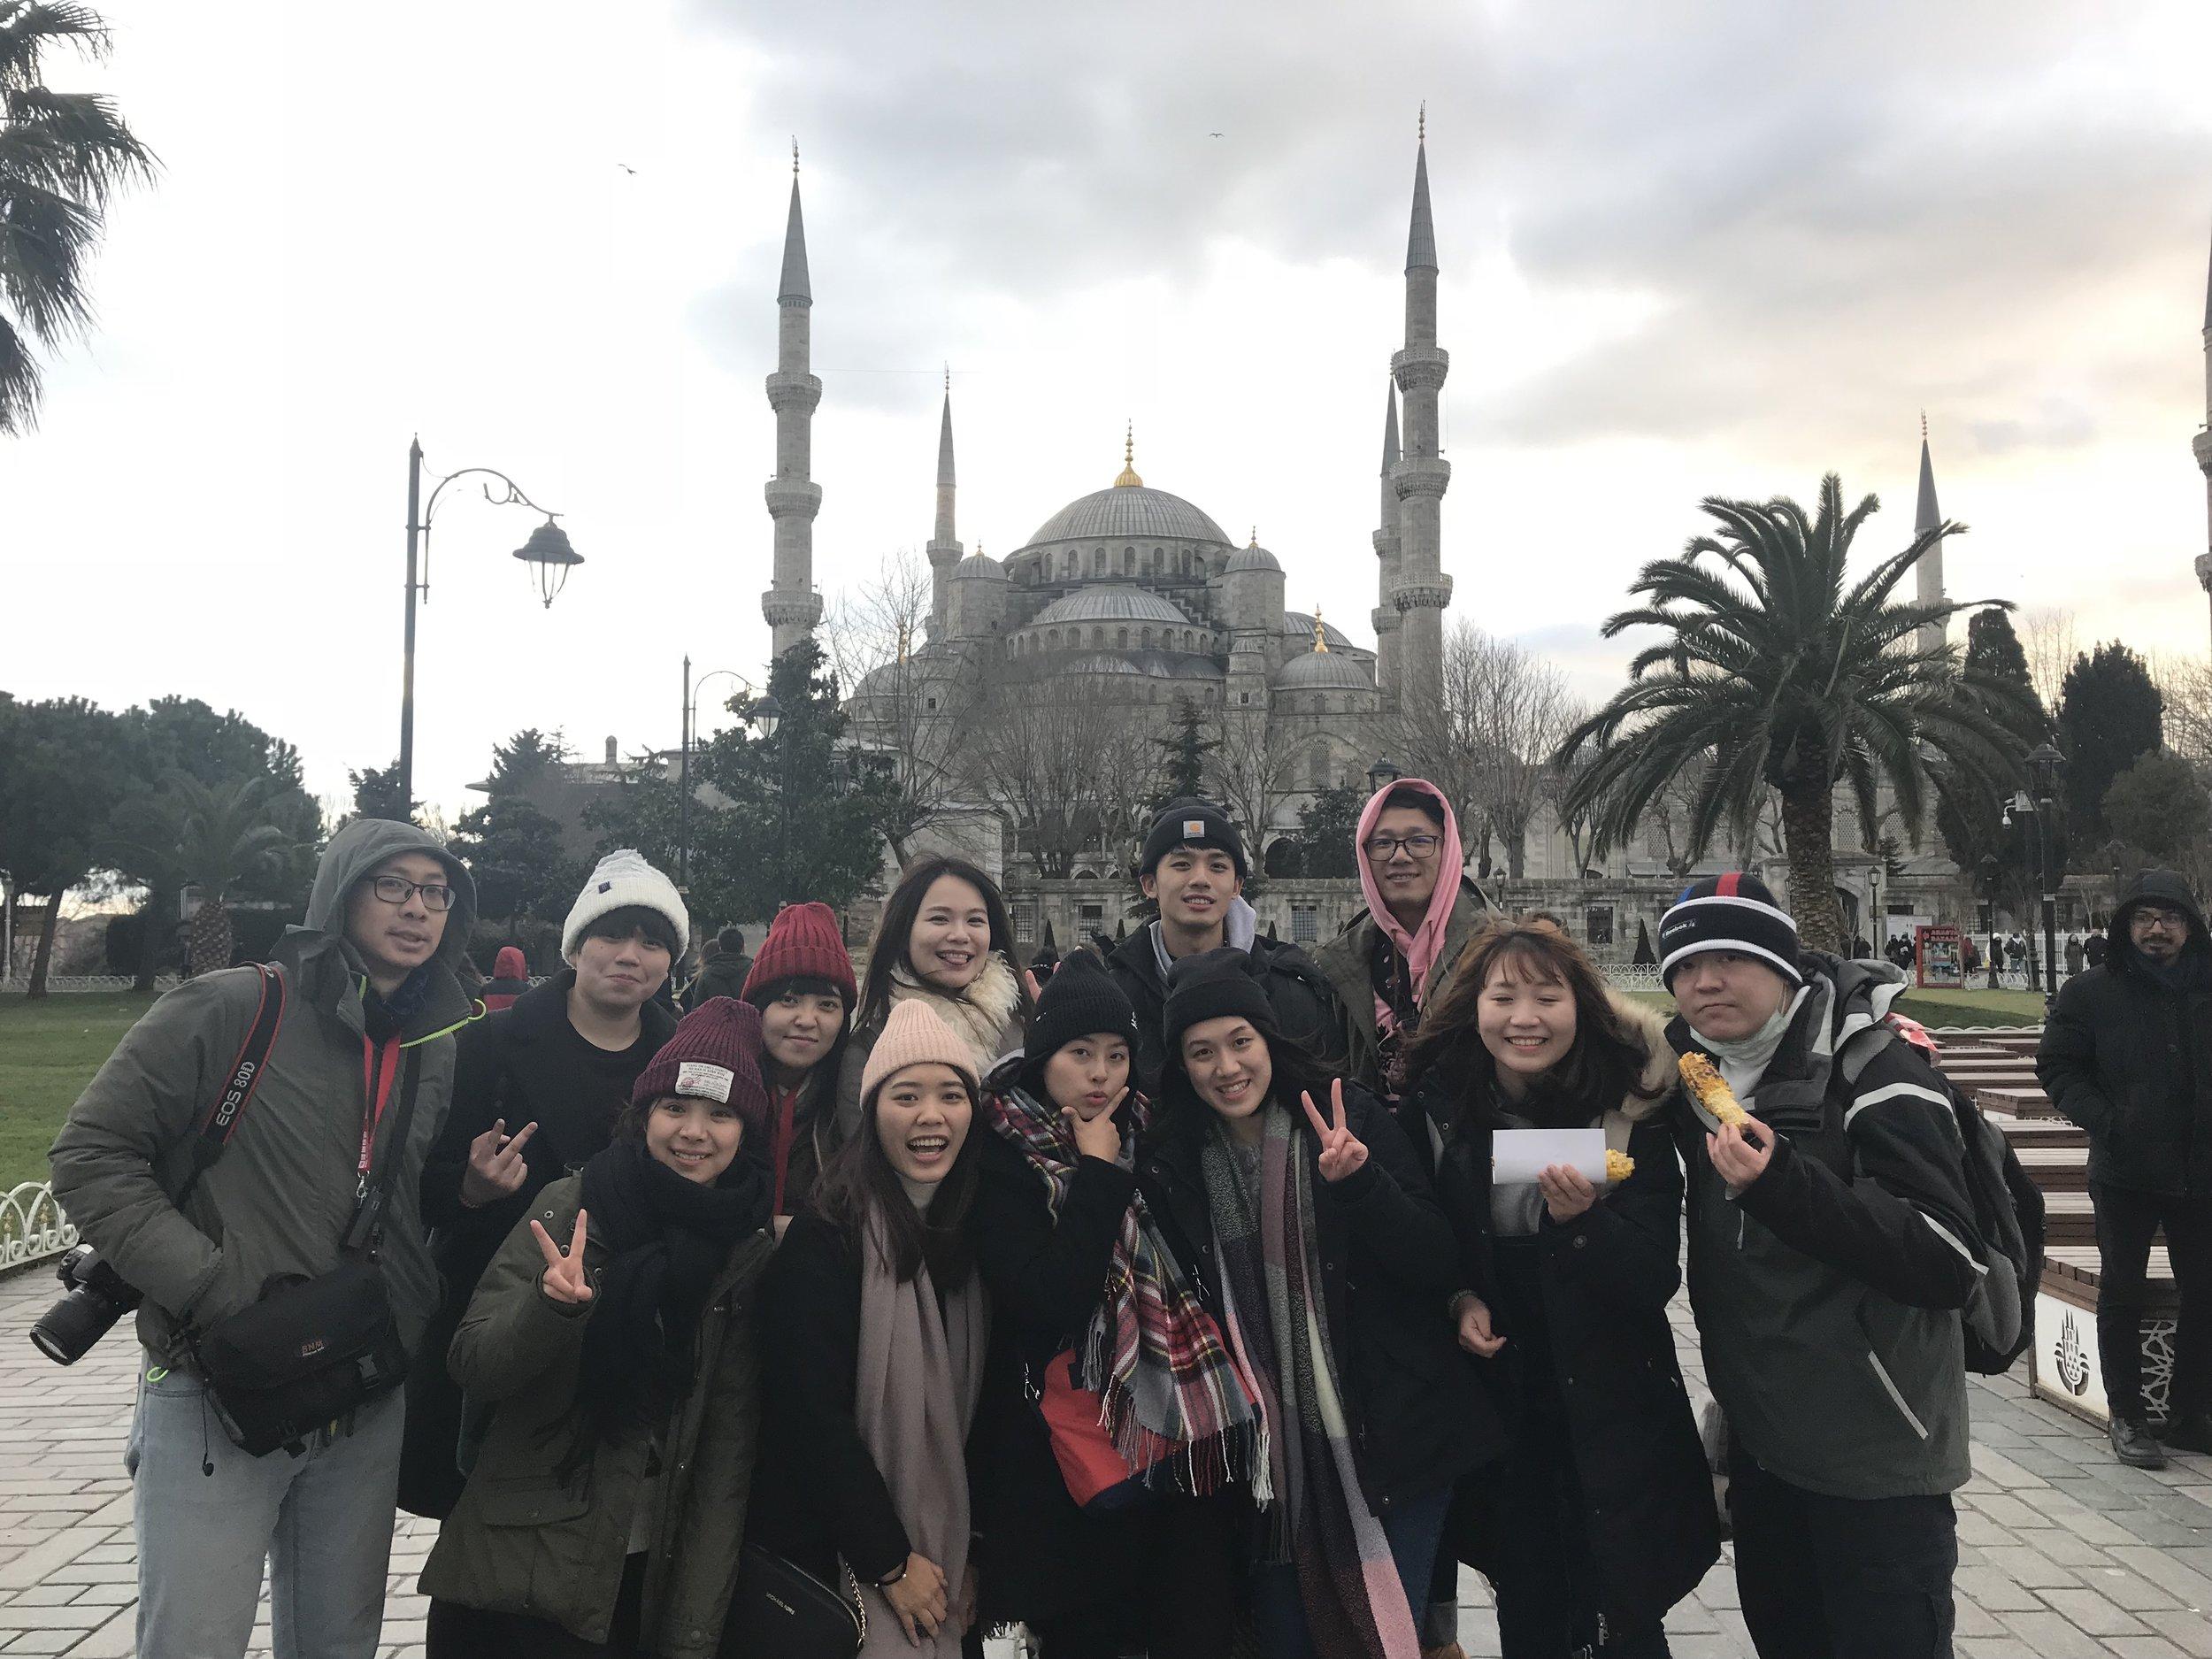 瘋狂工作瘋狂玩 - 重視效率、彈性與工作品質不定期內部課程讓你不斷成長免補班、每月一天不扣薪病假備有電動、桌球室及運動設備每年員工旅遊,今年去了土耳其